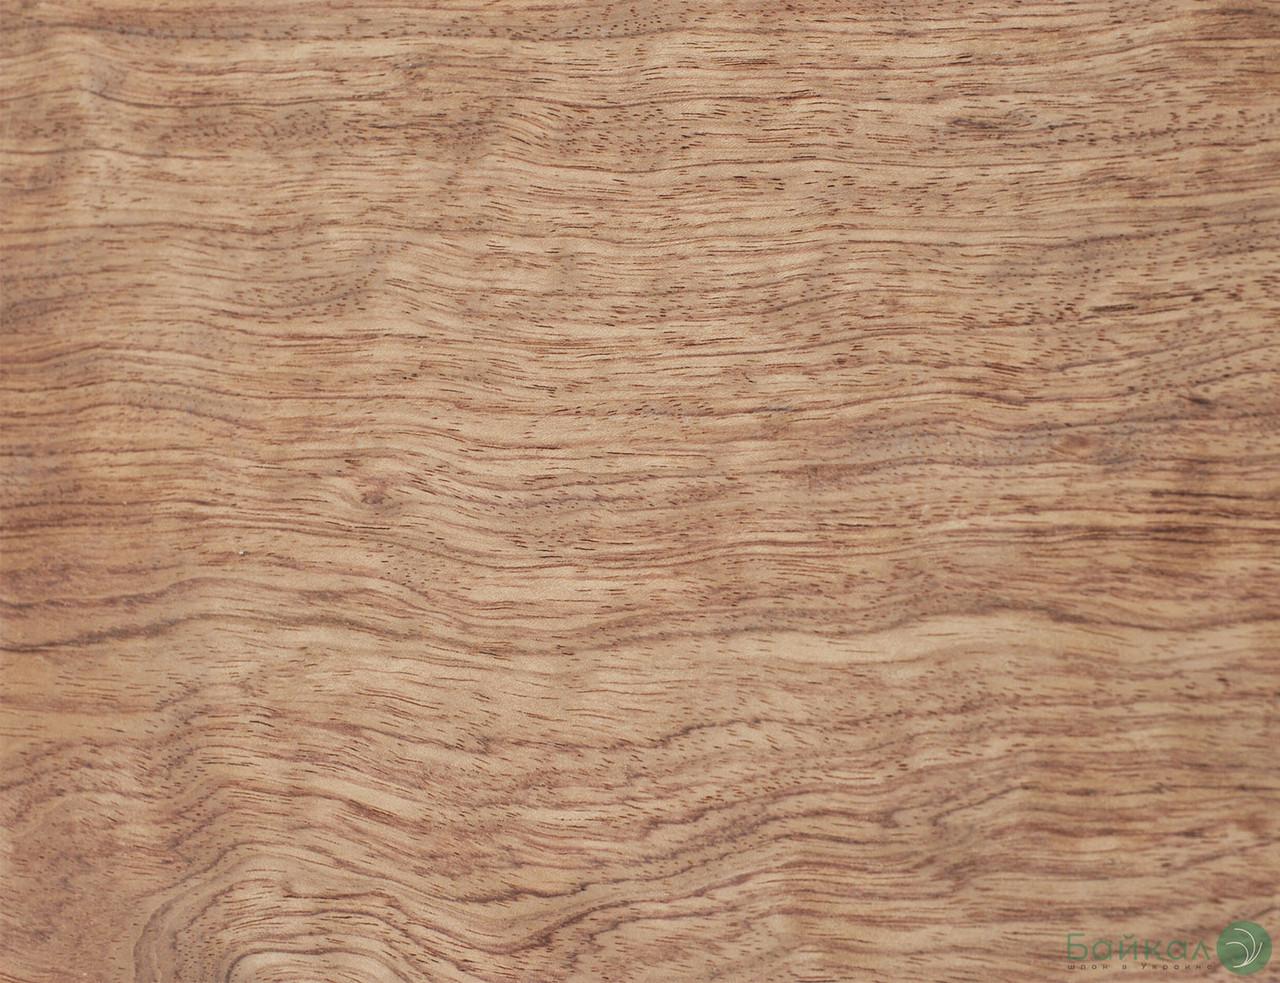 Шпон Бубинга Кевазинго (строганный) Logs - 0,55 мм 2,10 м+/10 см+